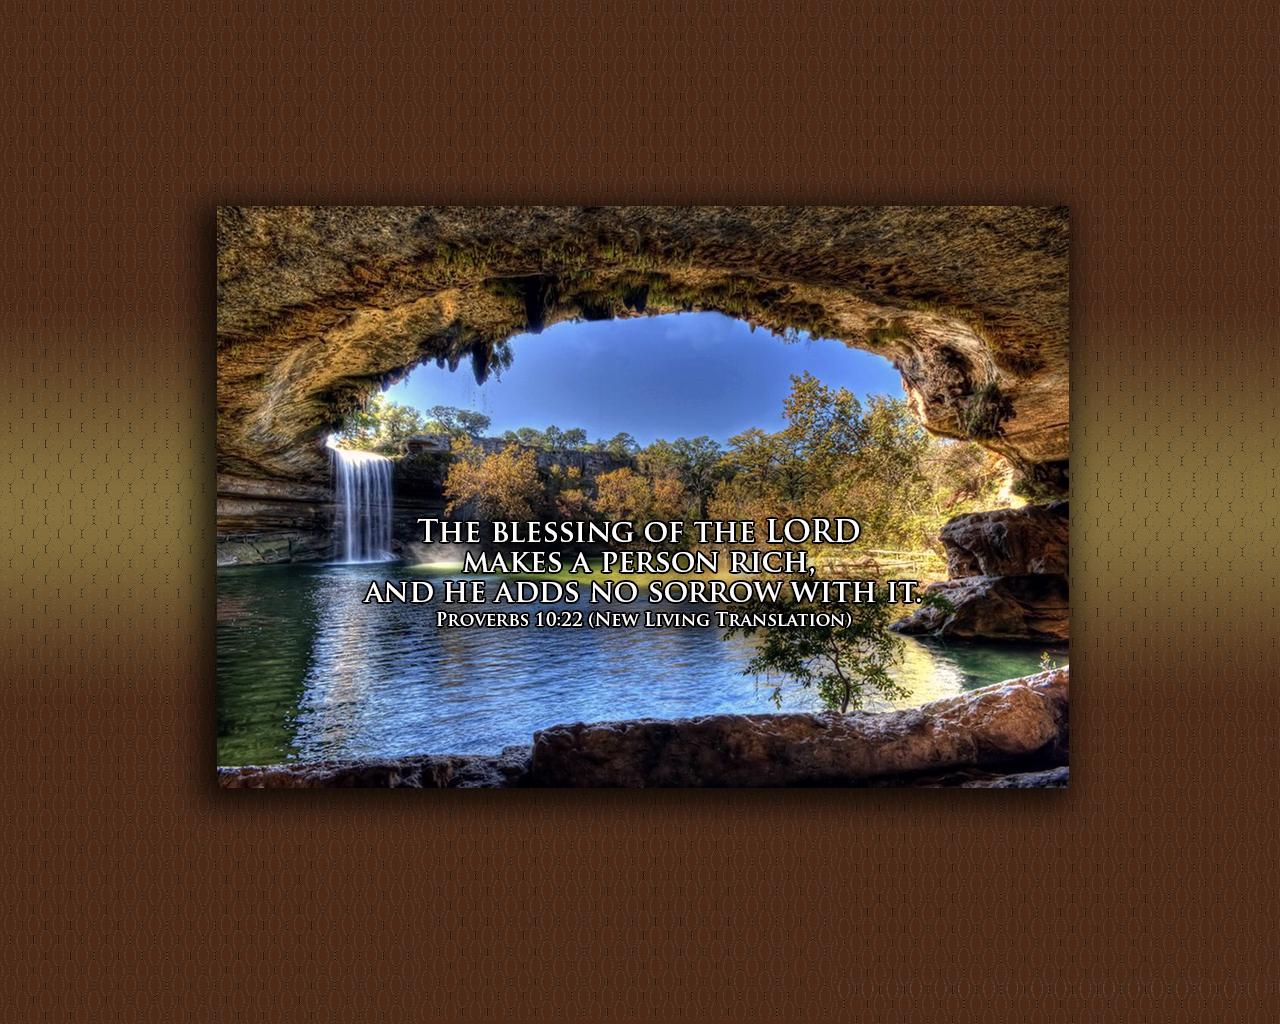 Proverbs 10:22 - The Fellowship Site